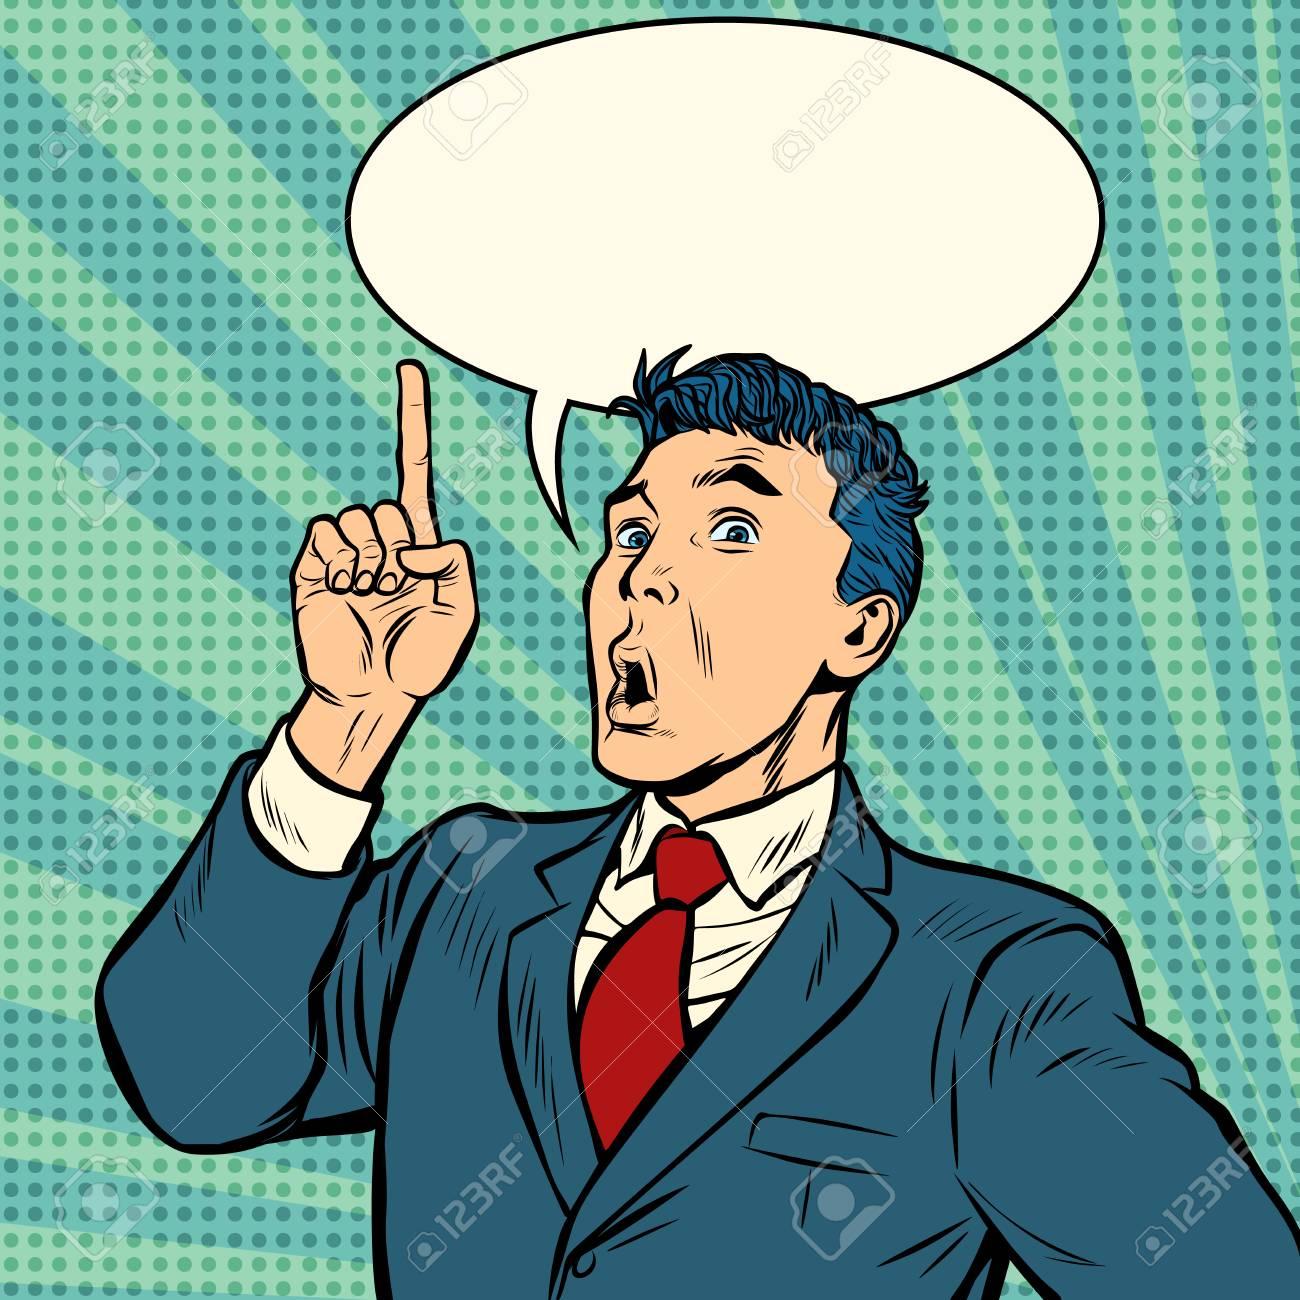 businessman surprise index finger up gesture. Pop art retro vector illustration vintage kitsch - 125833789